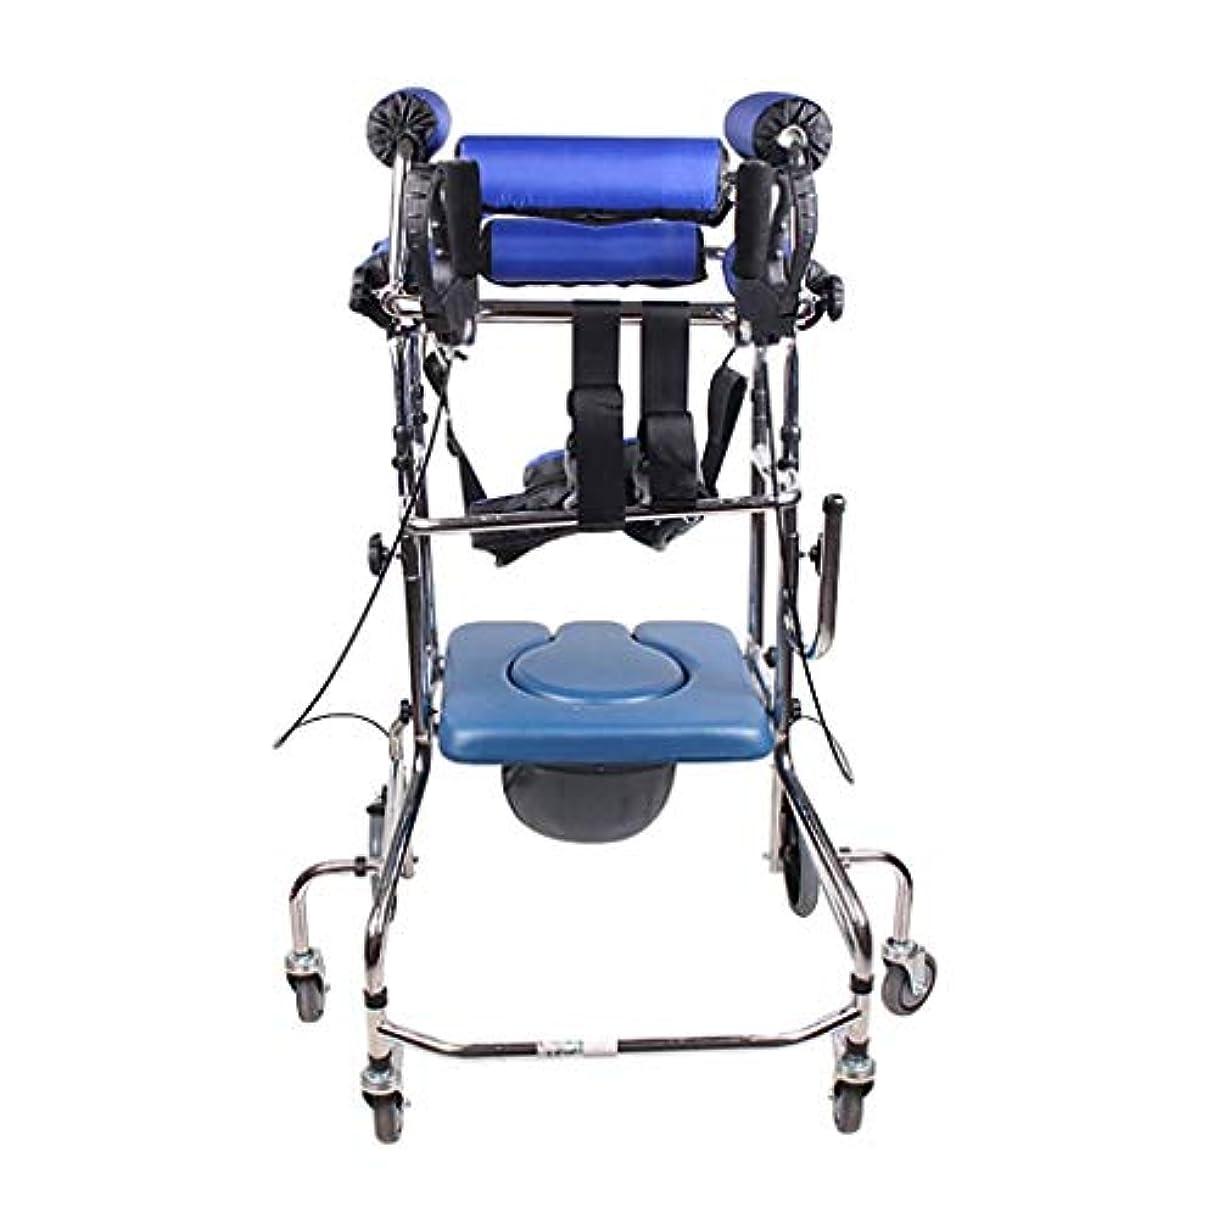 苦しみケーブルカーメキシコ多機能下肢トレーニングウォーキングスタンド、調整可能な便器椅子